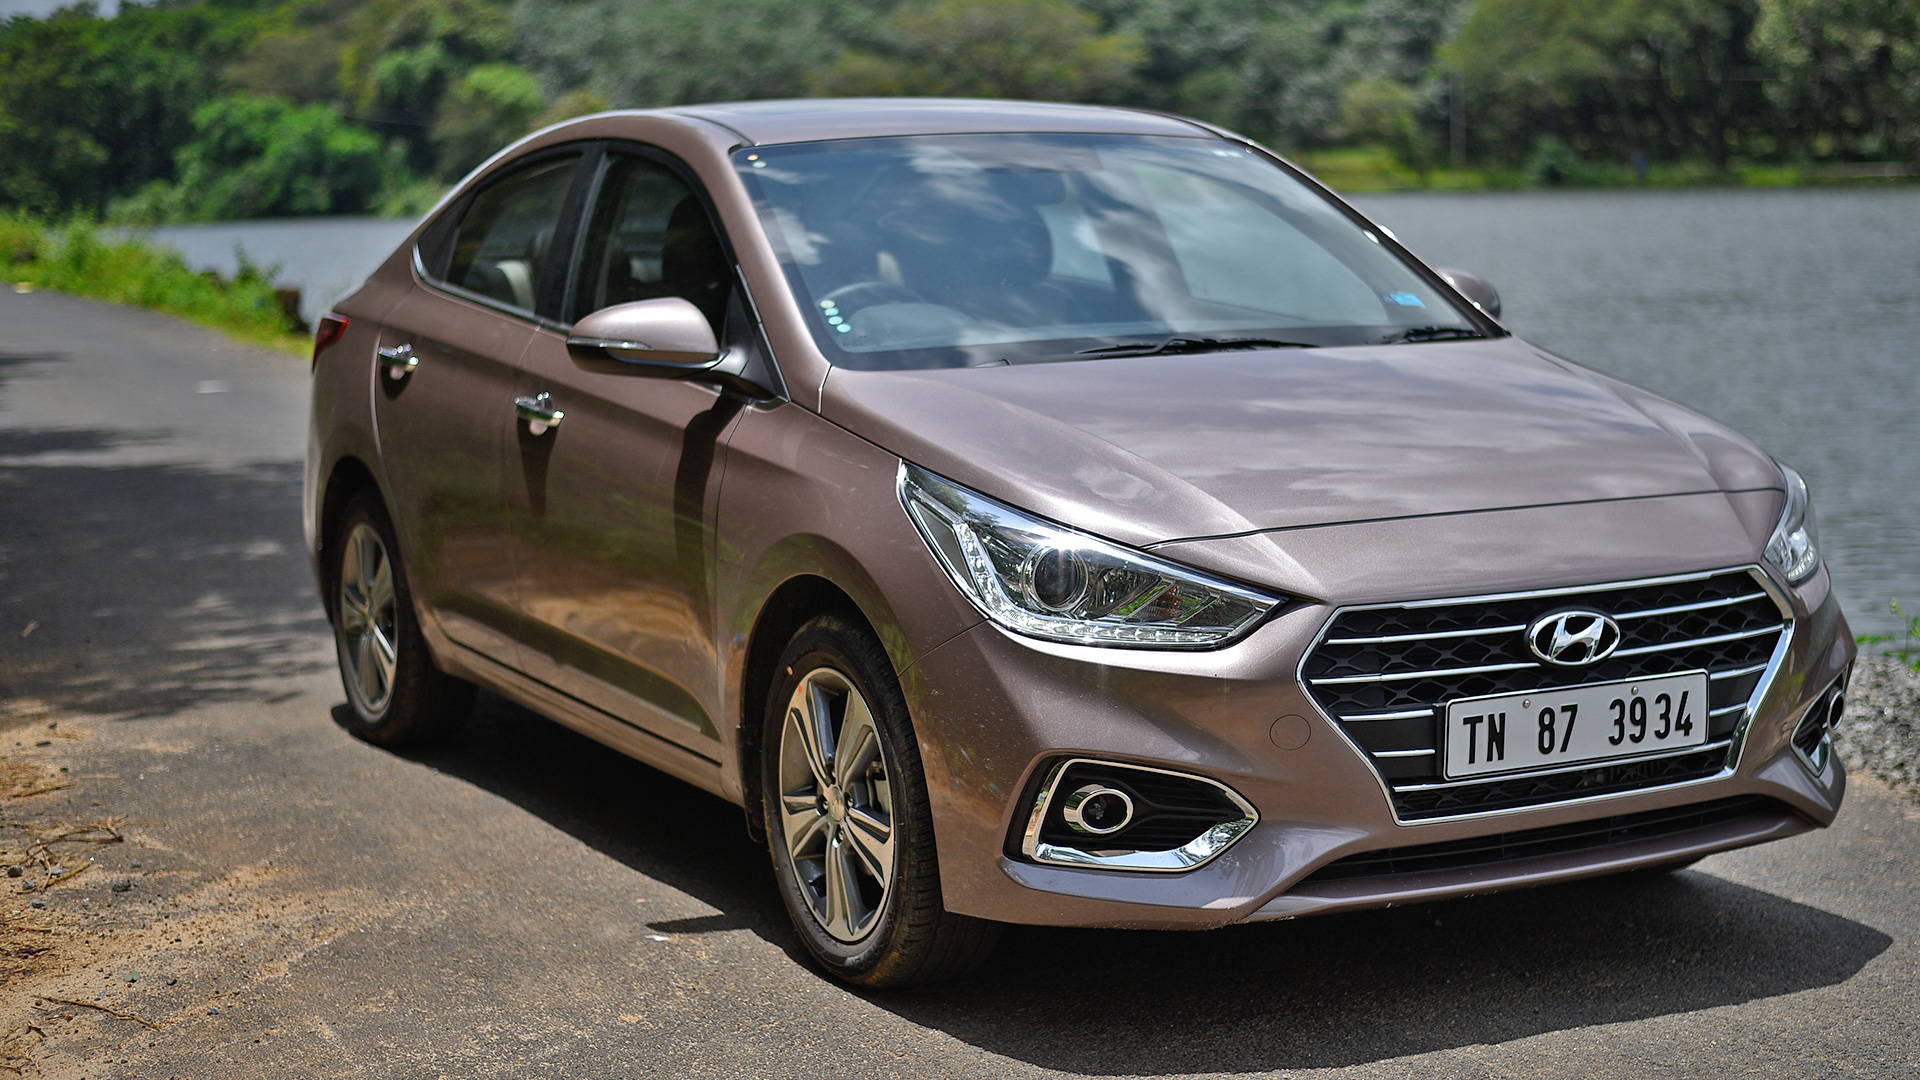 Hyundai Verna 2018 Price Mileage Reviews